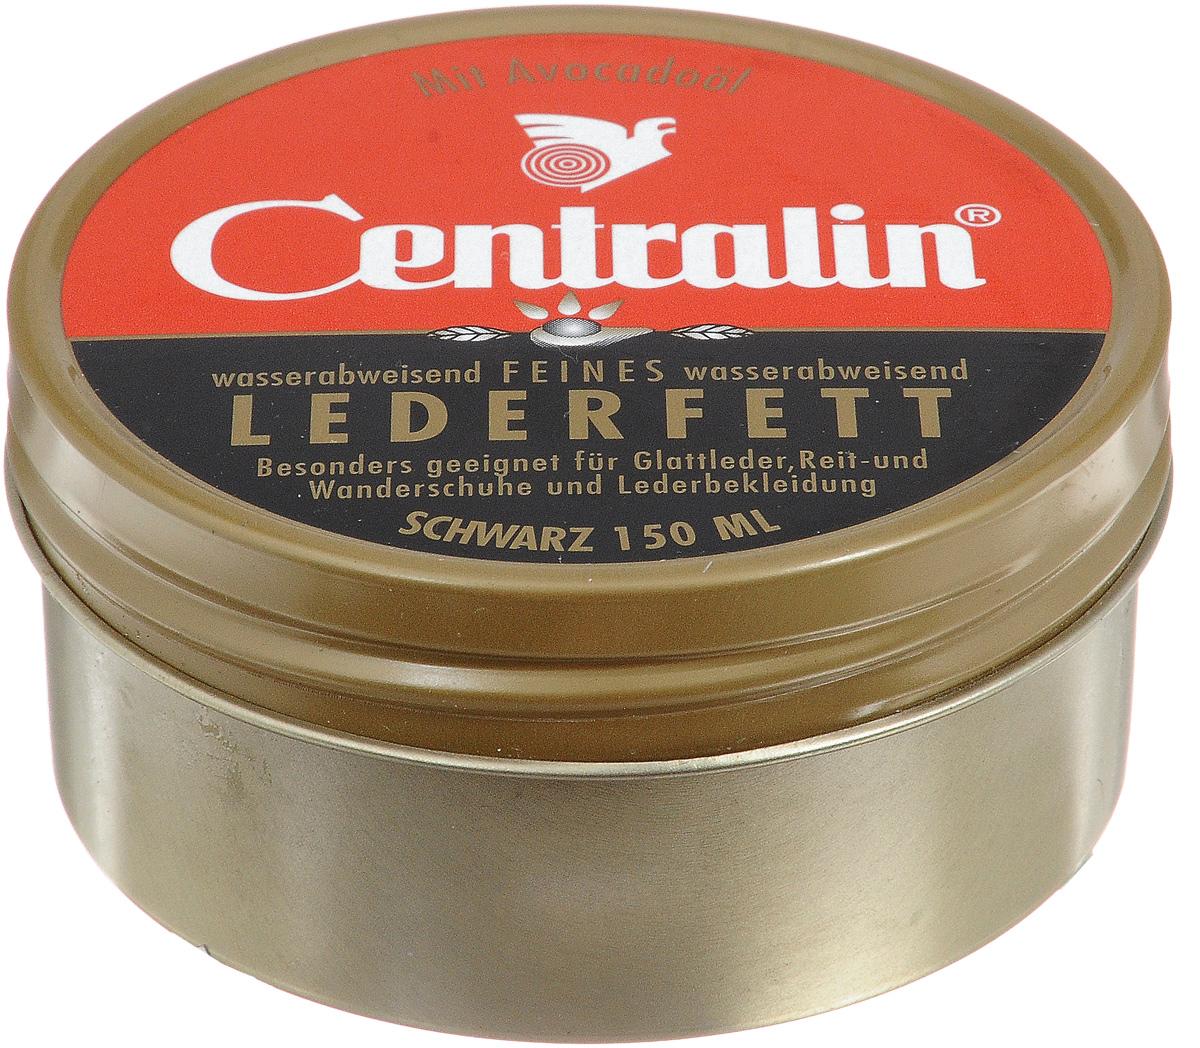 Жир для кожаной обуви Centralin, цвет: черный, 150 мл аэрозоль по уходу за деревянной мебелью centralin 300 мл